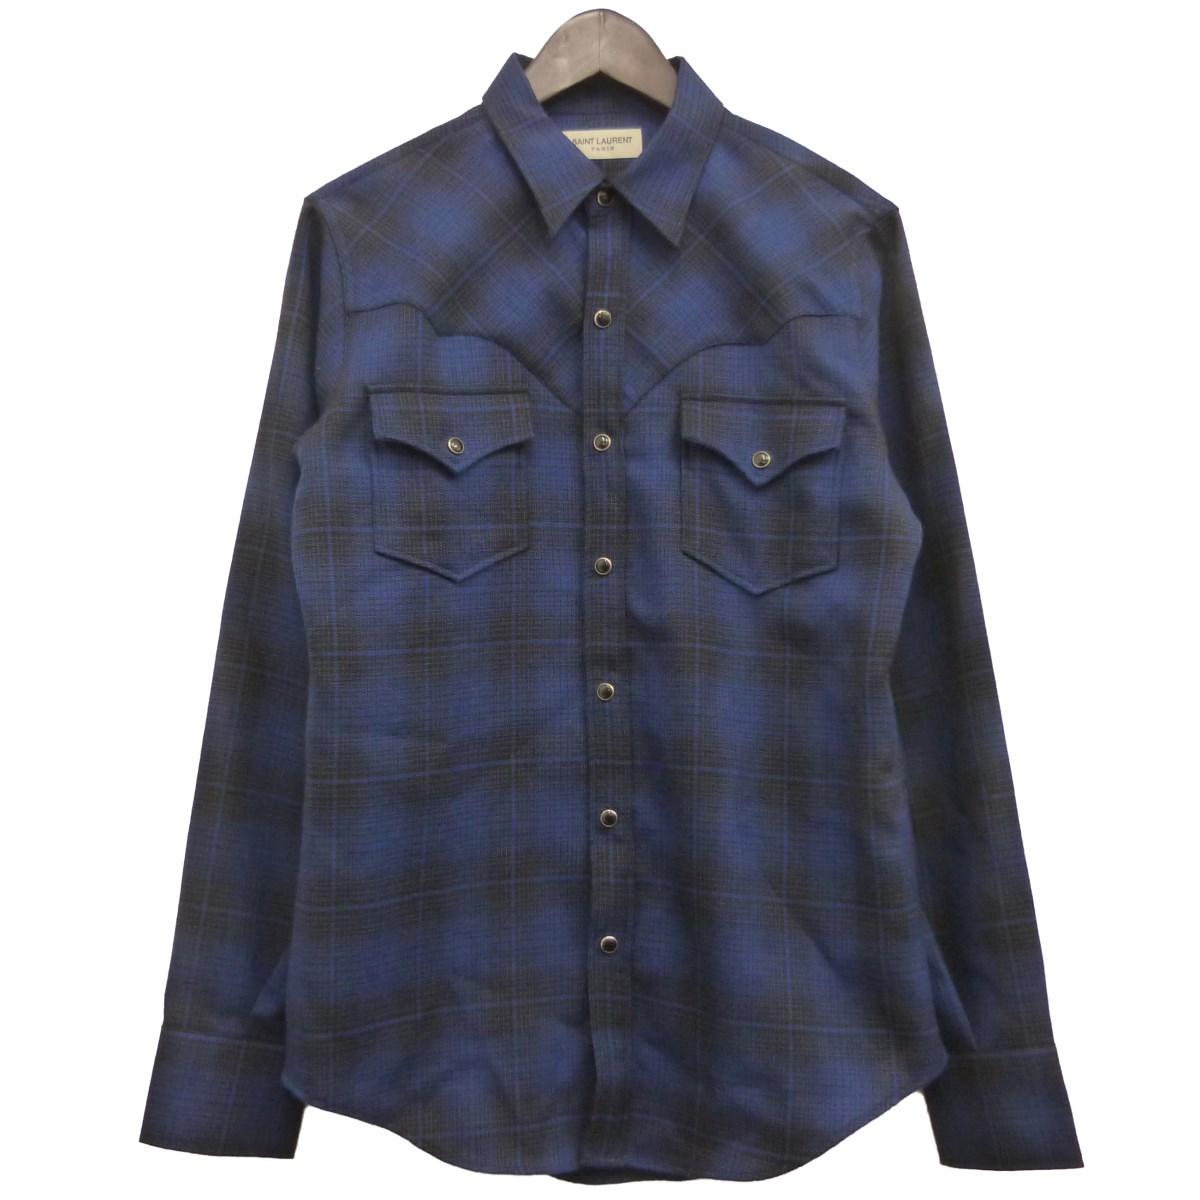 【中古】SAINT LAURENT PARIS ウエスタンチェックシャツ ネイビー サイズ:S 【030420】(サンローランパリ)